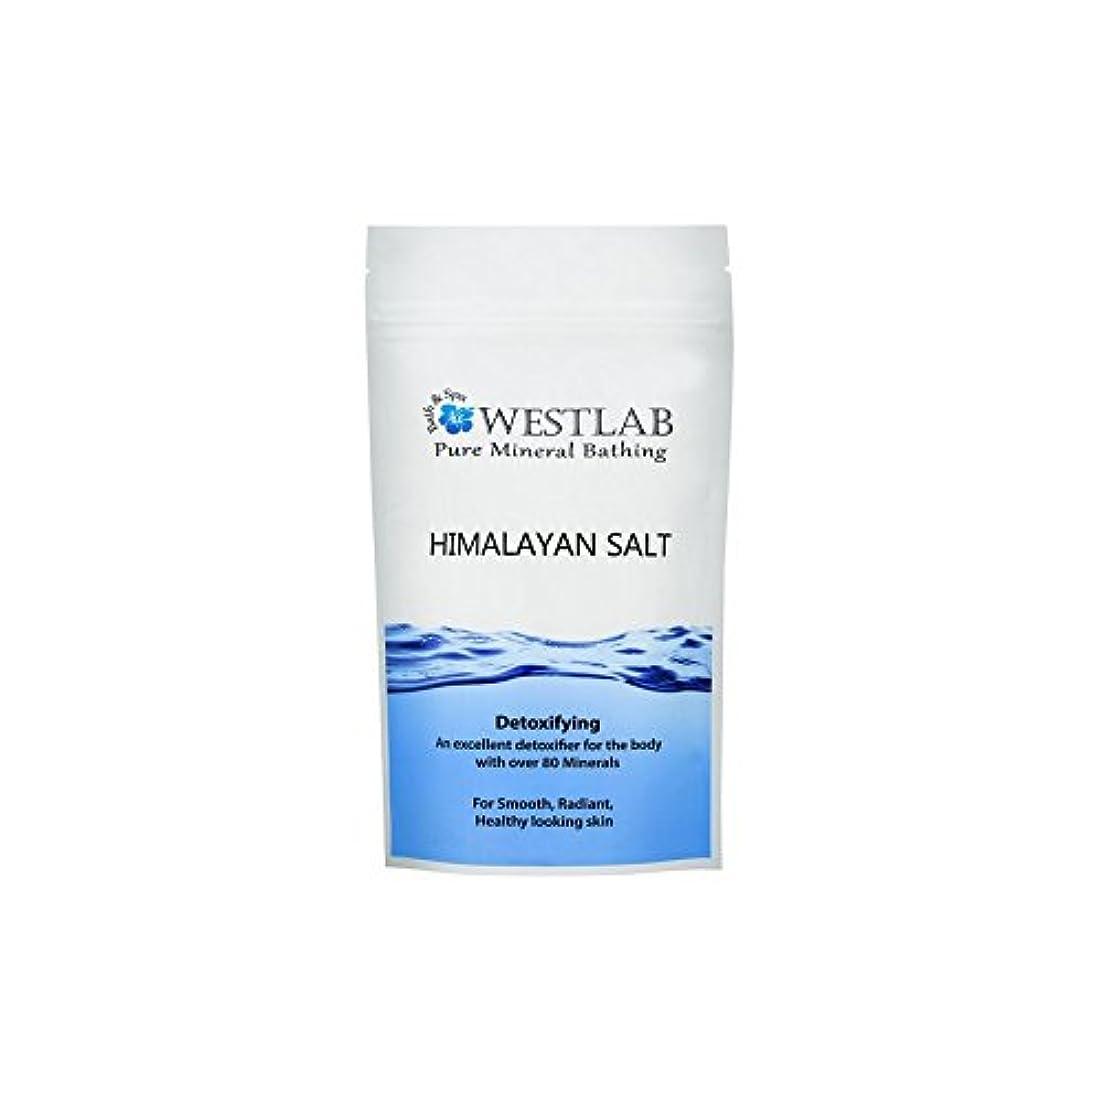 驚くばかり上陸完全に乾くヒマラヤ塩の1キロ x4 - Westlab Himalayan Salt 1kg (Pack of 4) [並行輸入品]